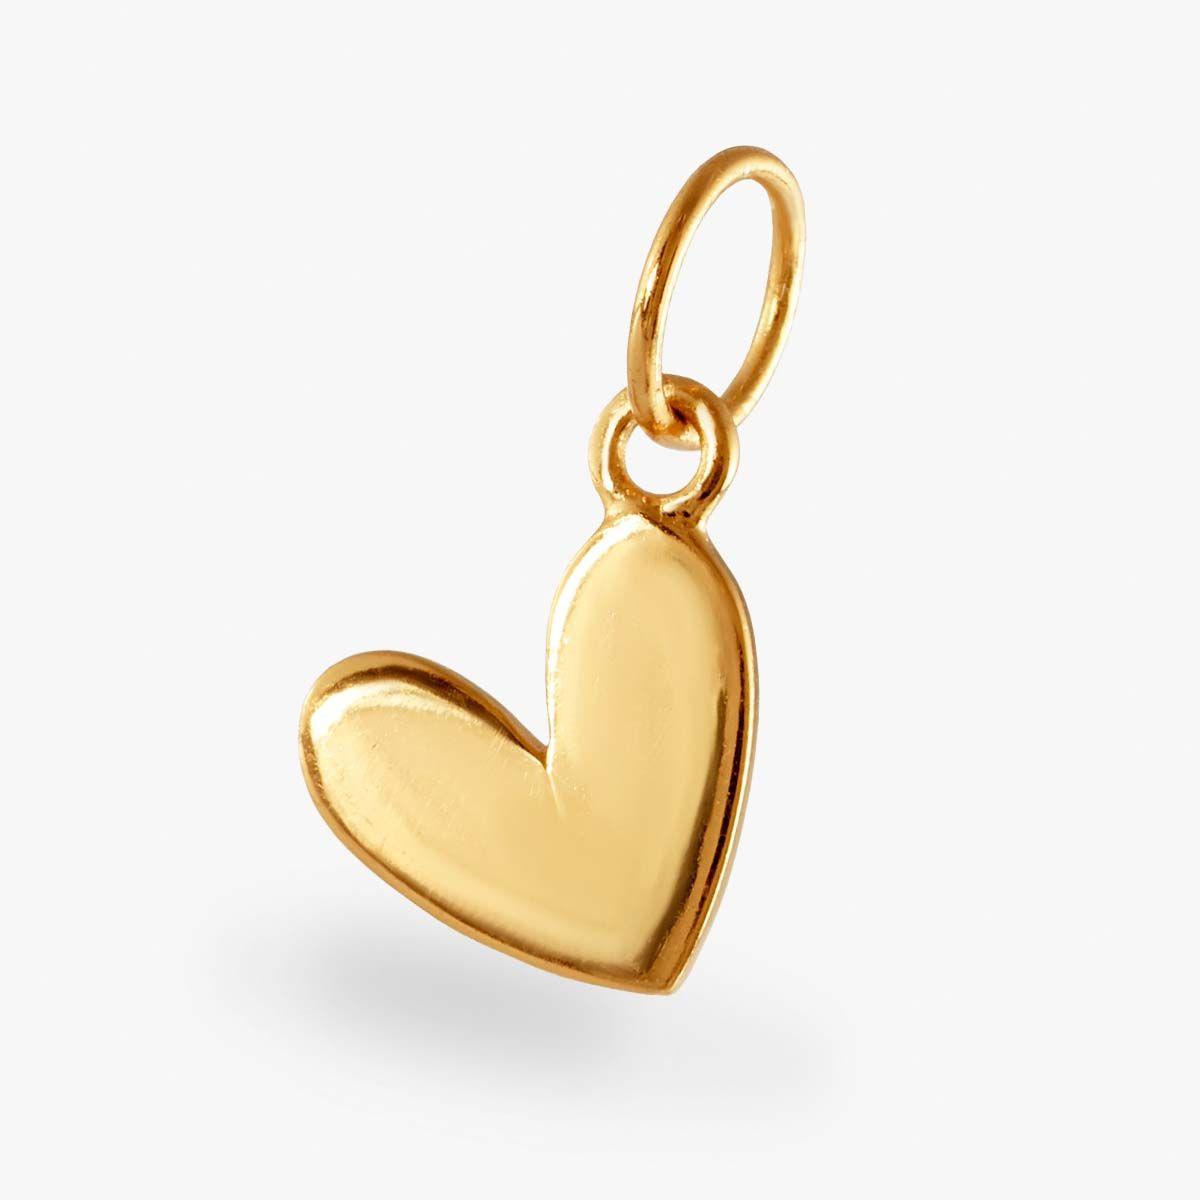 Herz Anhänger - Kettenanhänger - 18k vergoldet